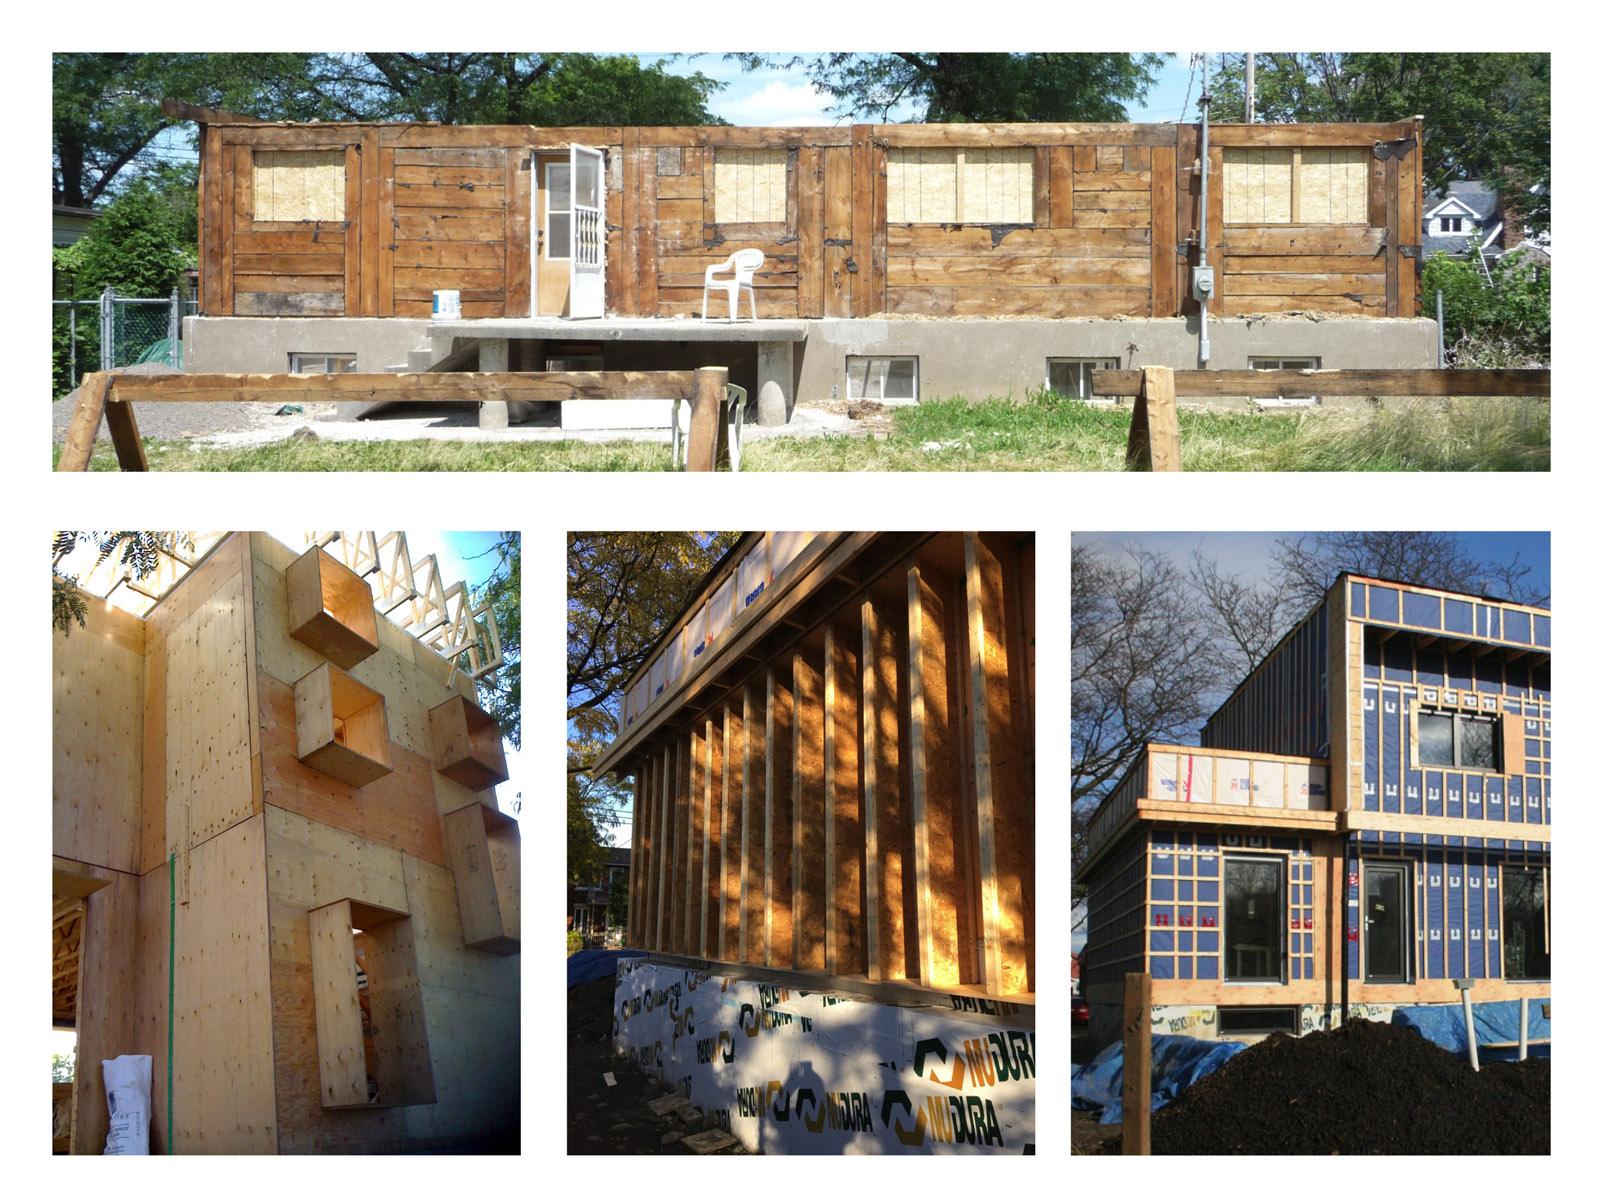 Projet maison ozal e construction le tournesol for Projet maison